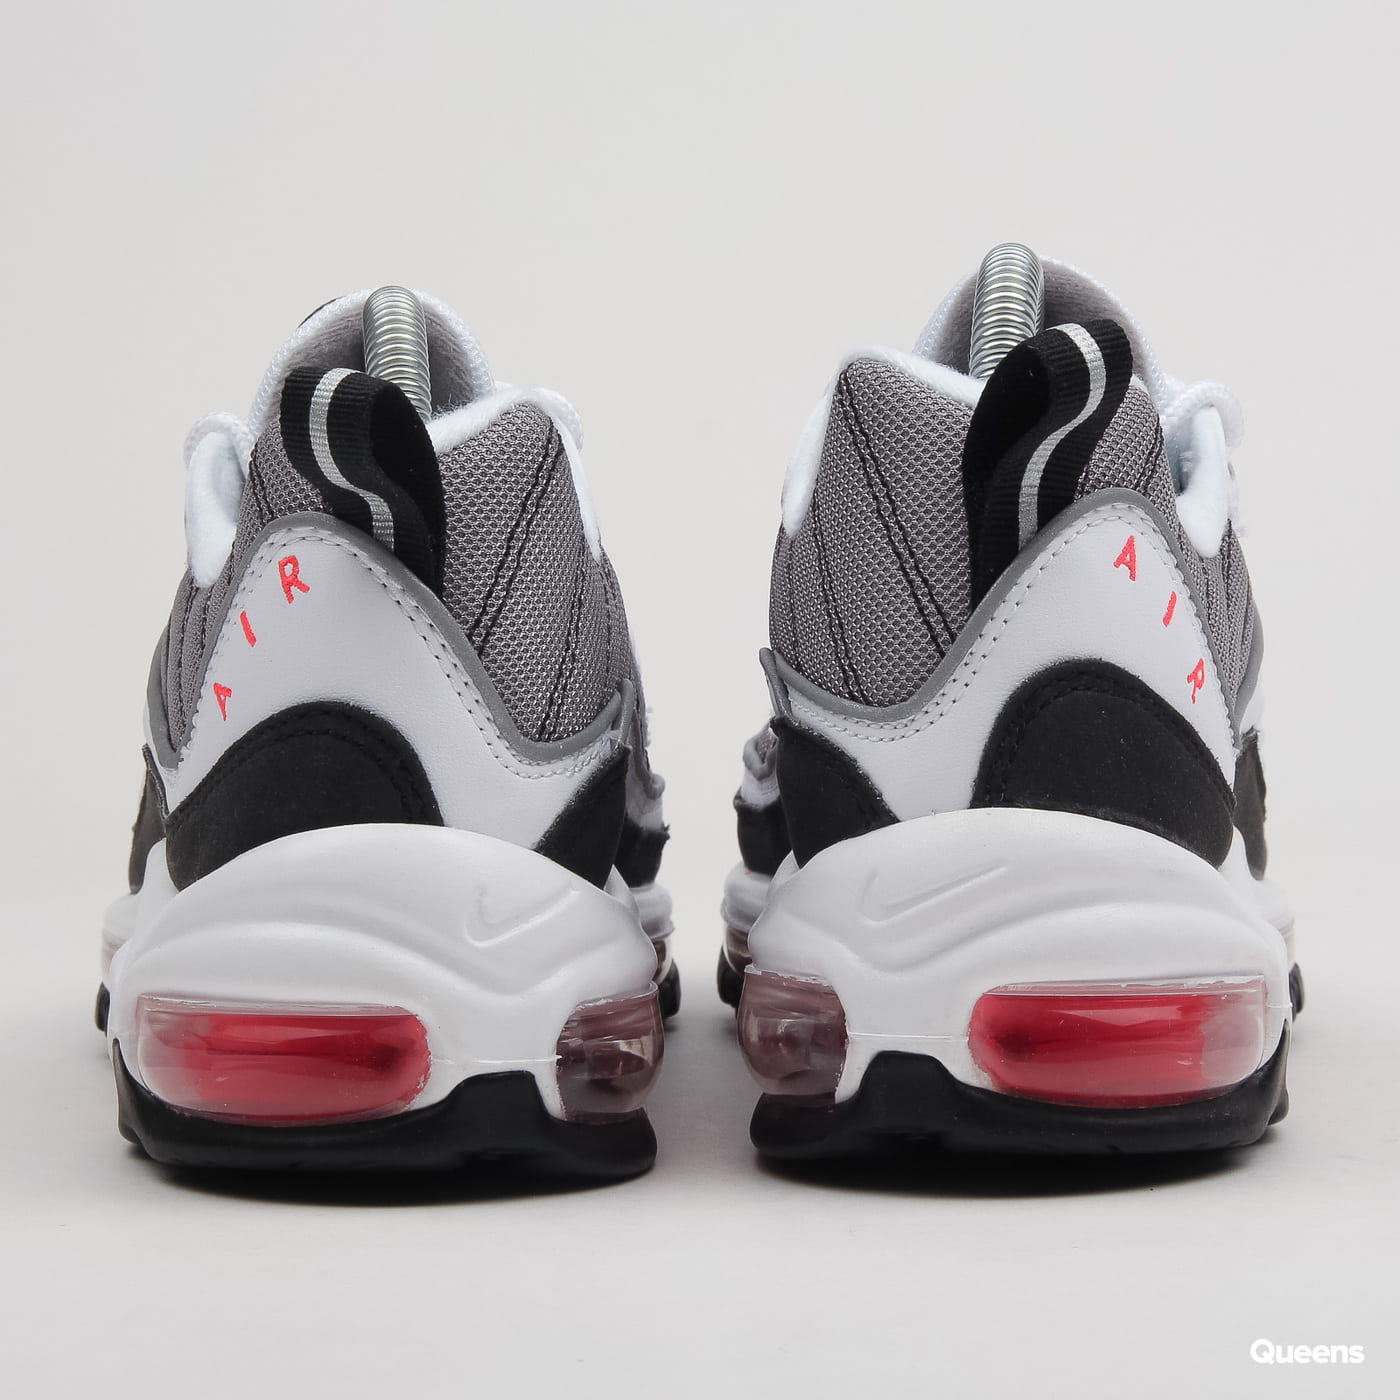 3c43d7c90f Zoom in Zoom in Zoom in Zoom in Zoom in. Nike W Air Max 98 white / solar red  - dust